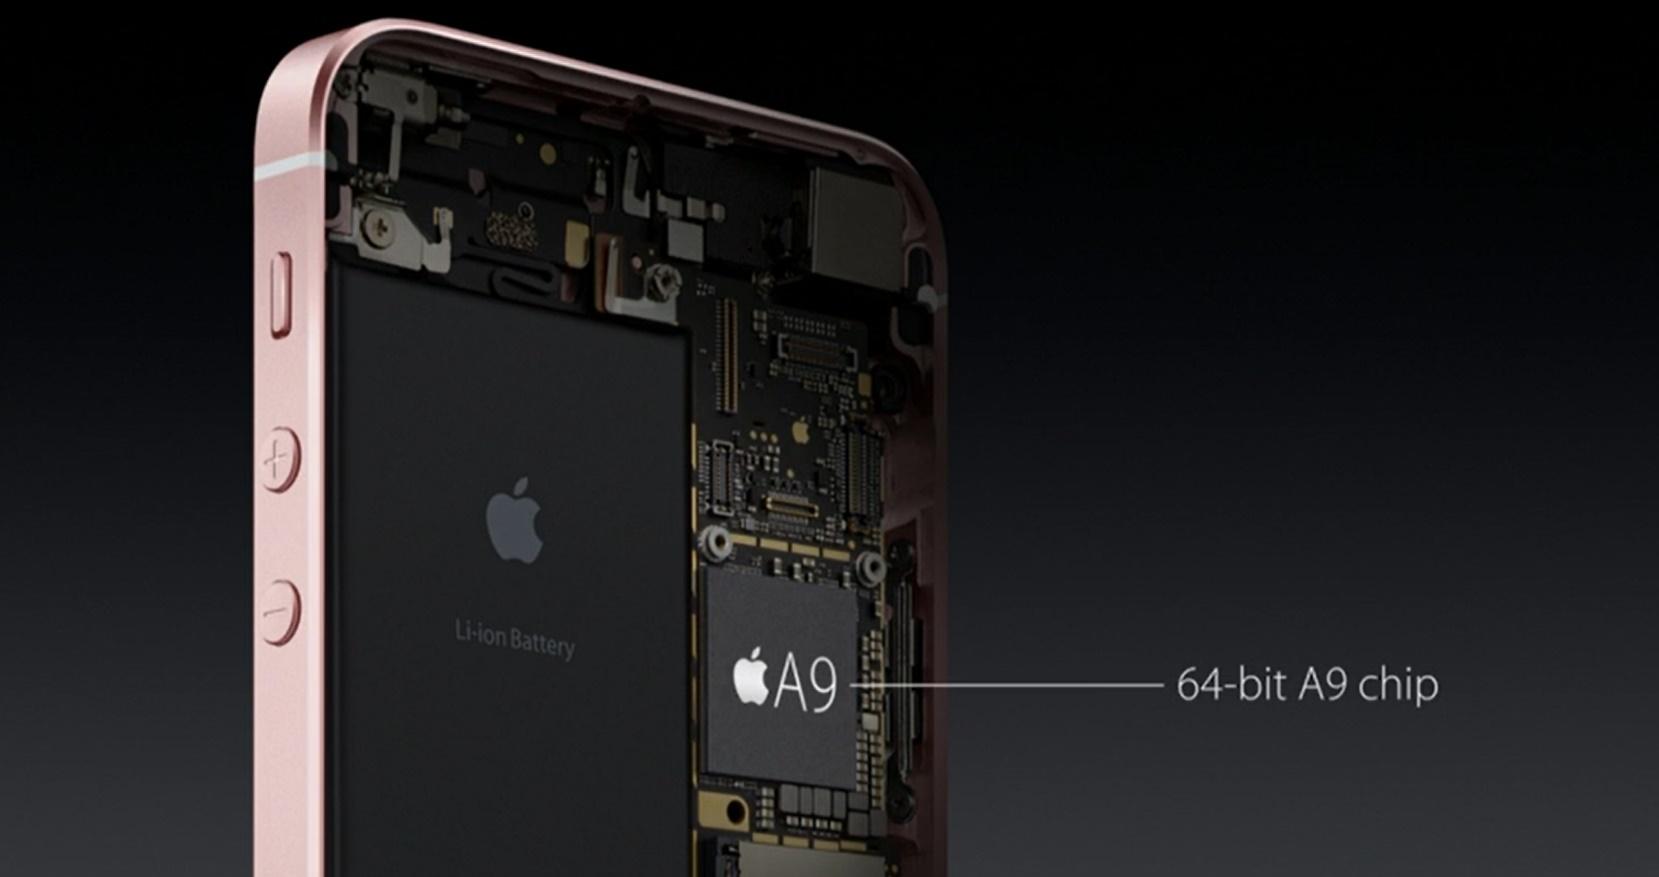 iphone se iphone 6 feature apple A9 cpu smartphone